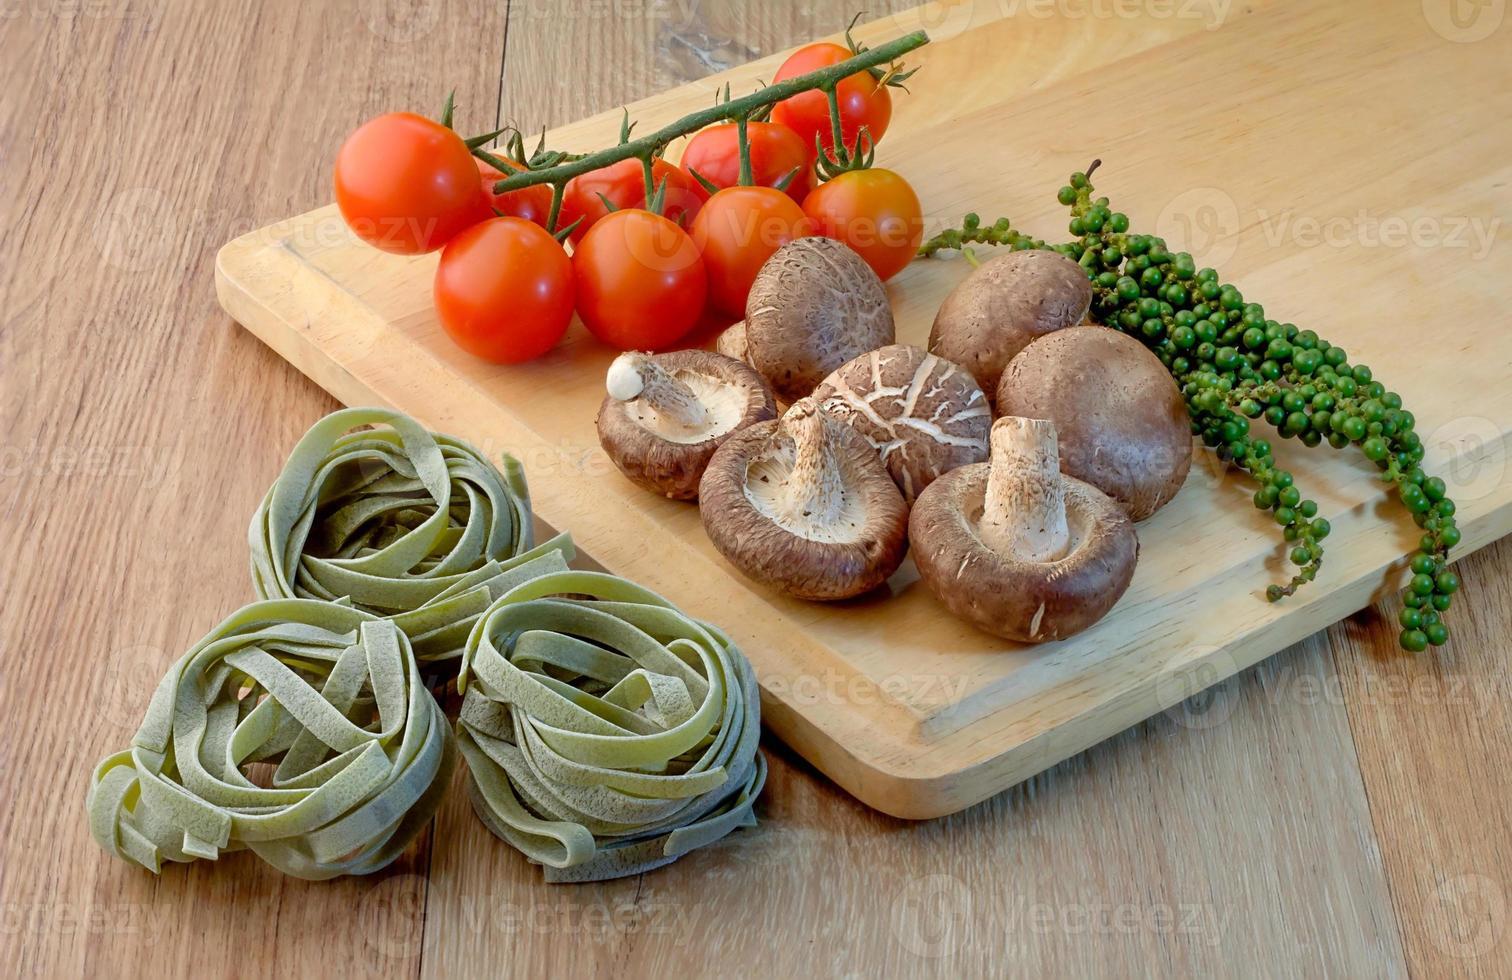 préparer des pâtes fraîches avec un ingrédient sain.jpg photo